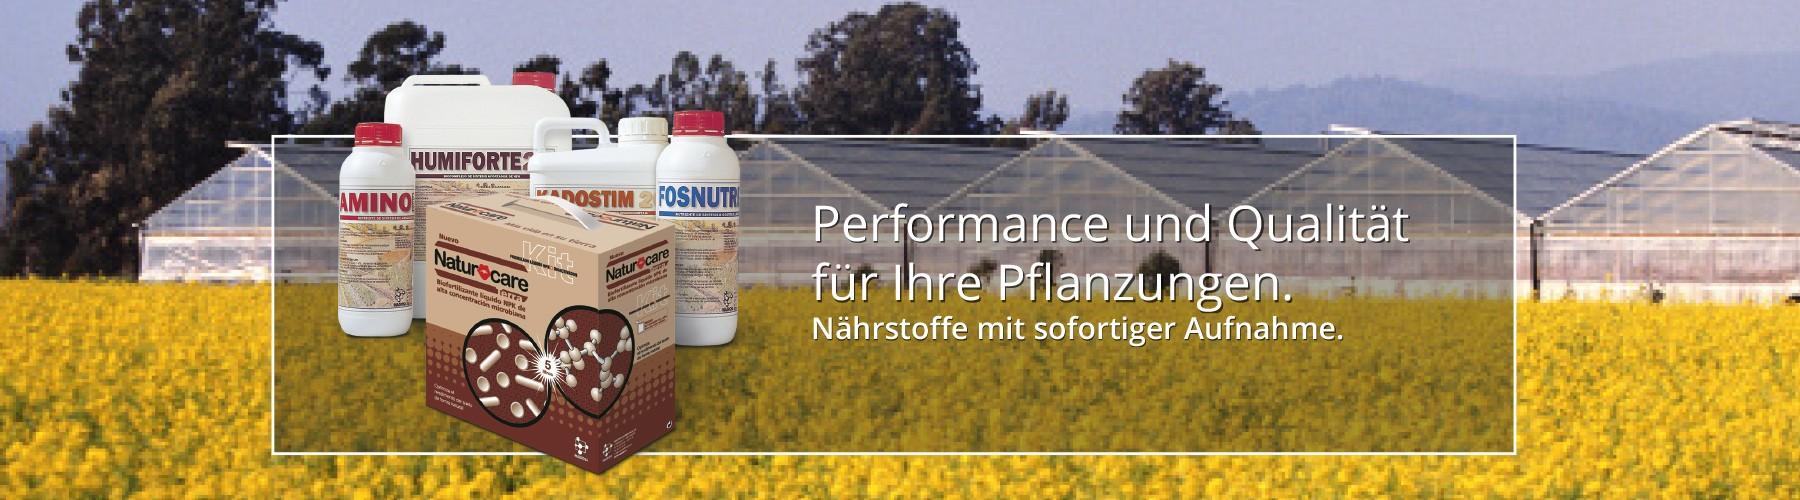 Performance und Qualität für Ihre Pflanzungen